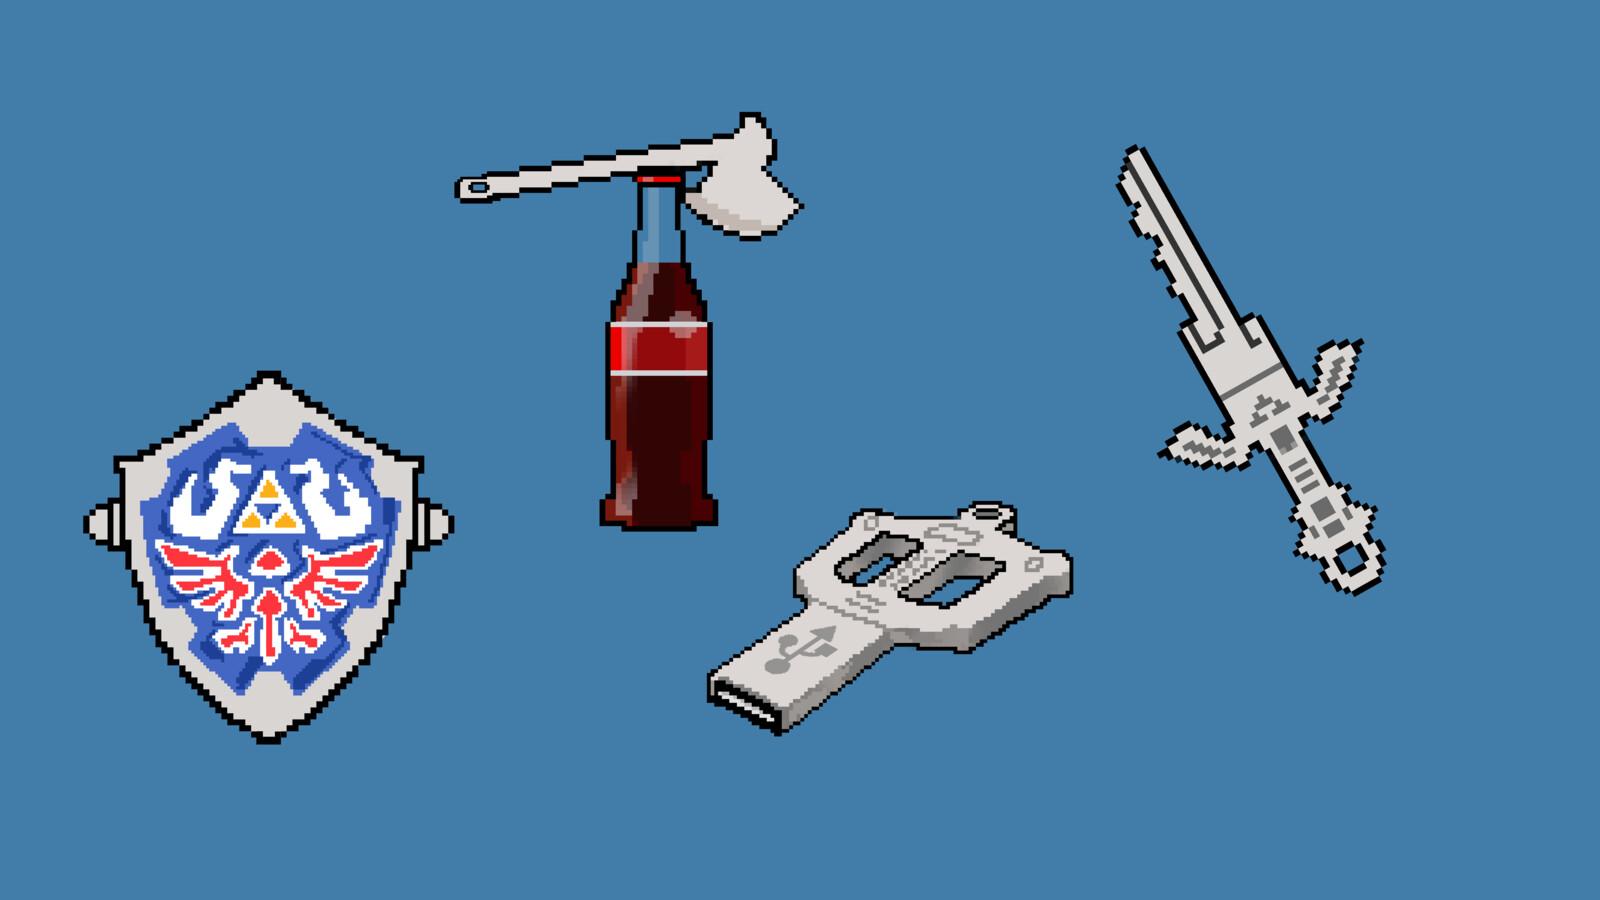 Icons made for https://herosarmory.com/